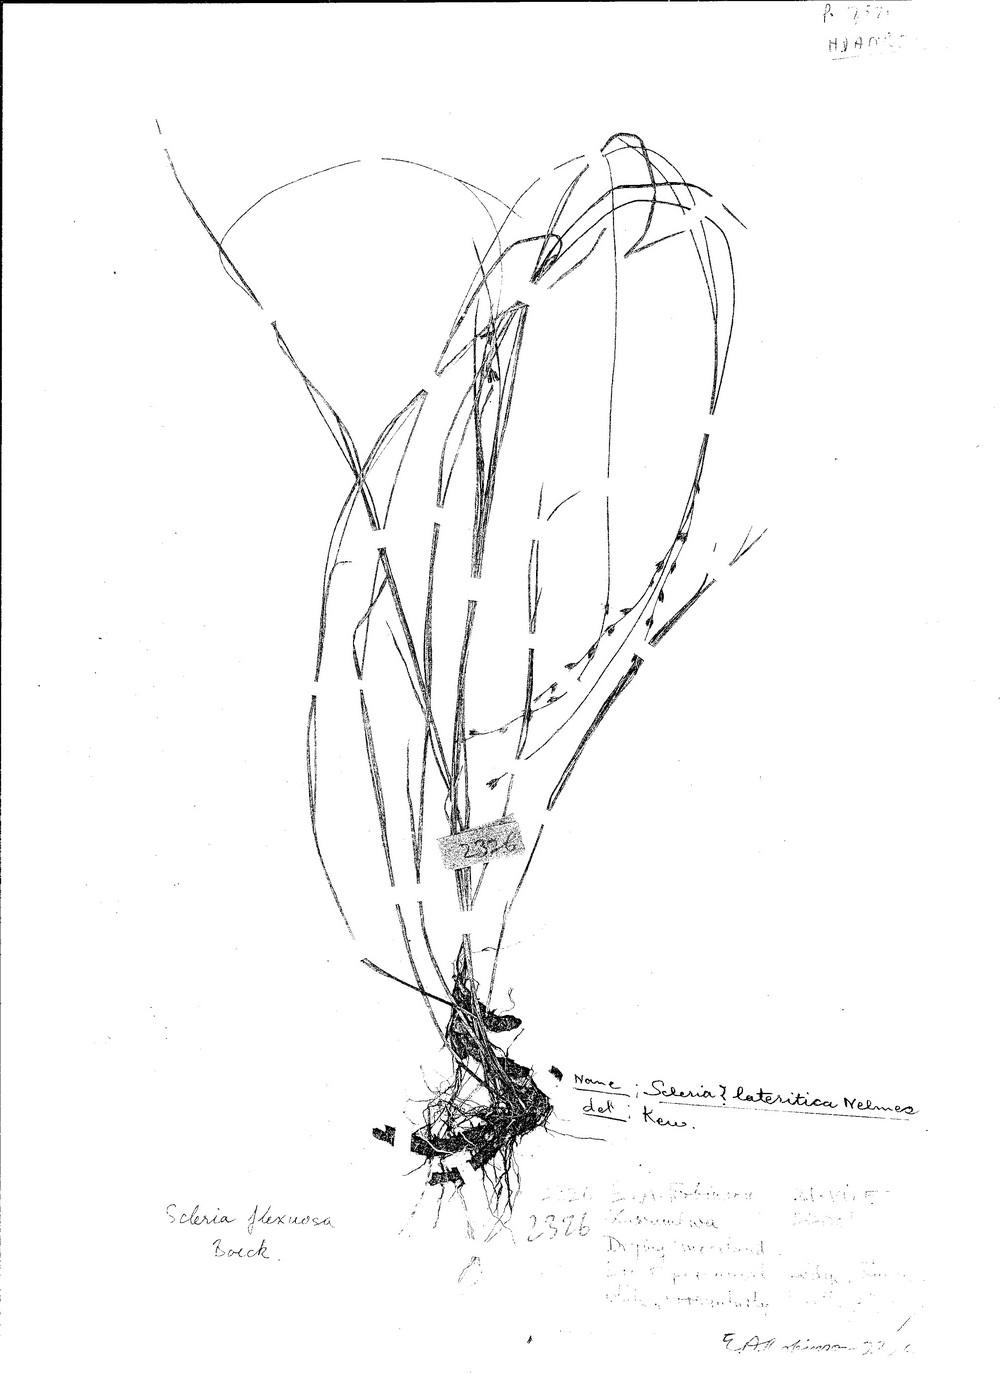 Scleria flexuosa